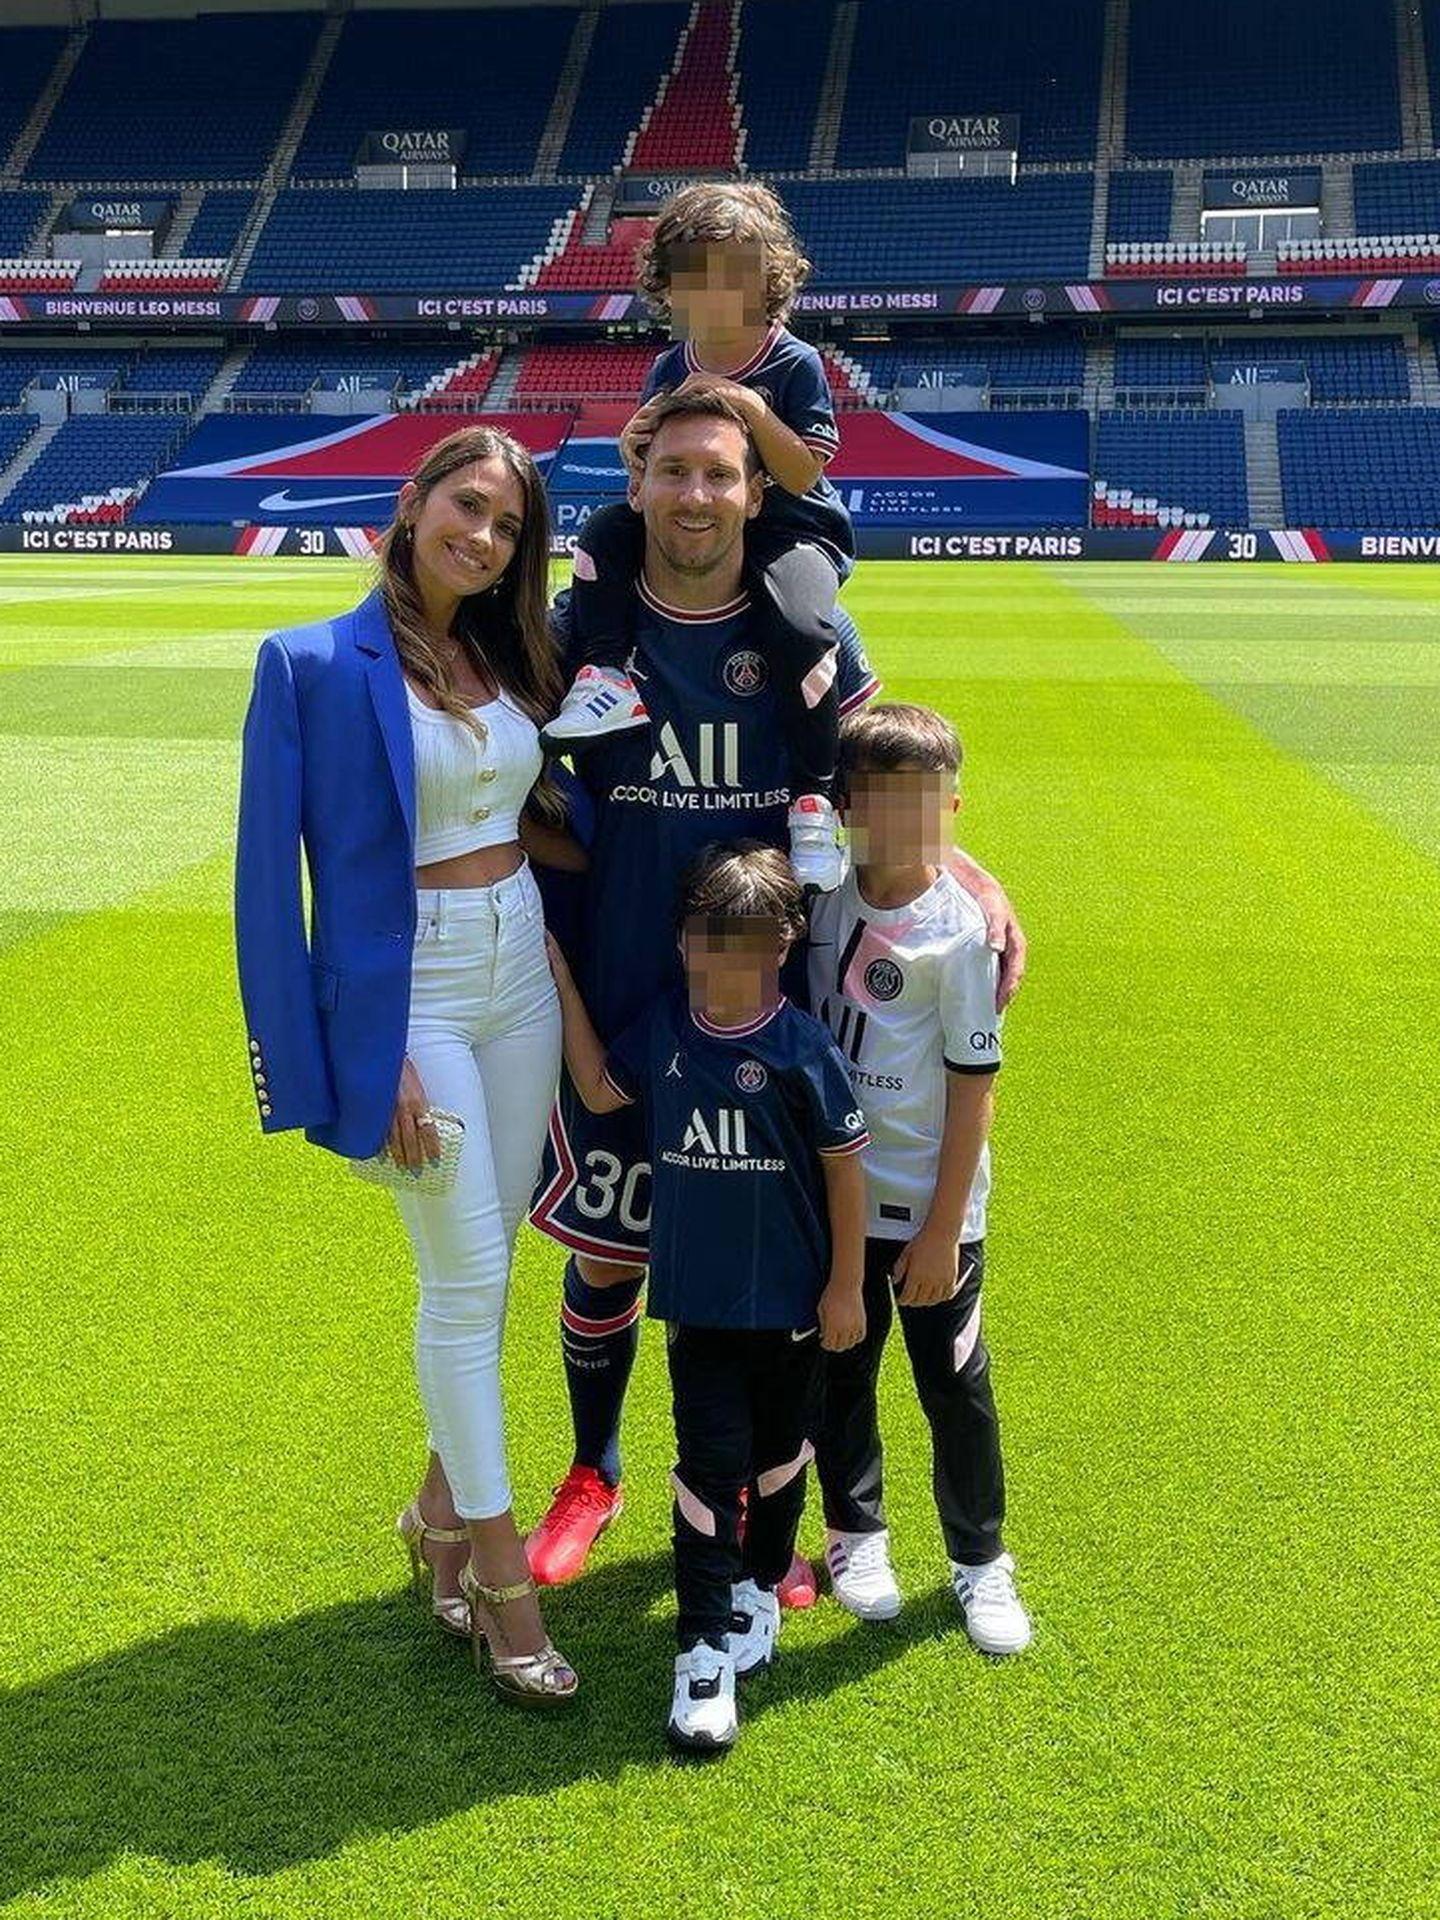 Antonella Rocuzzo junto a Lionel Messi y sus hijos. (Instagram @antonelaroccuzzo)